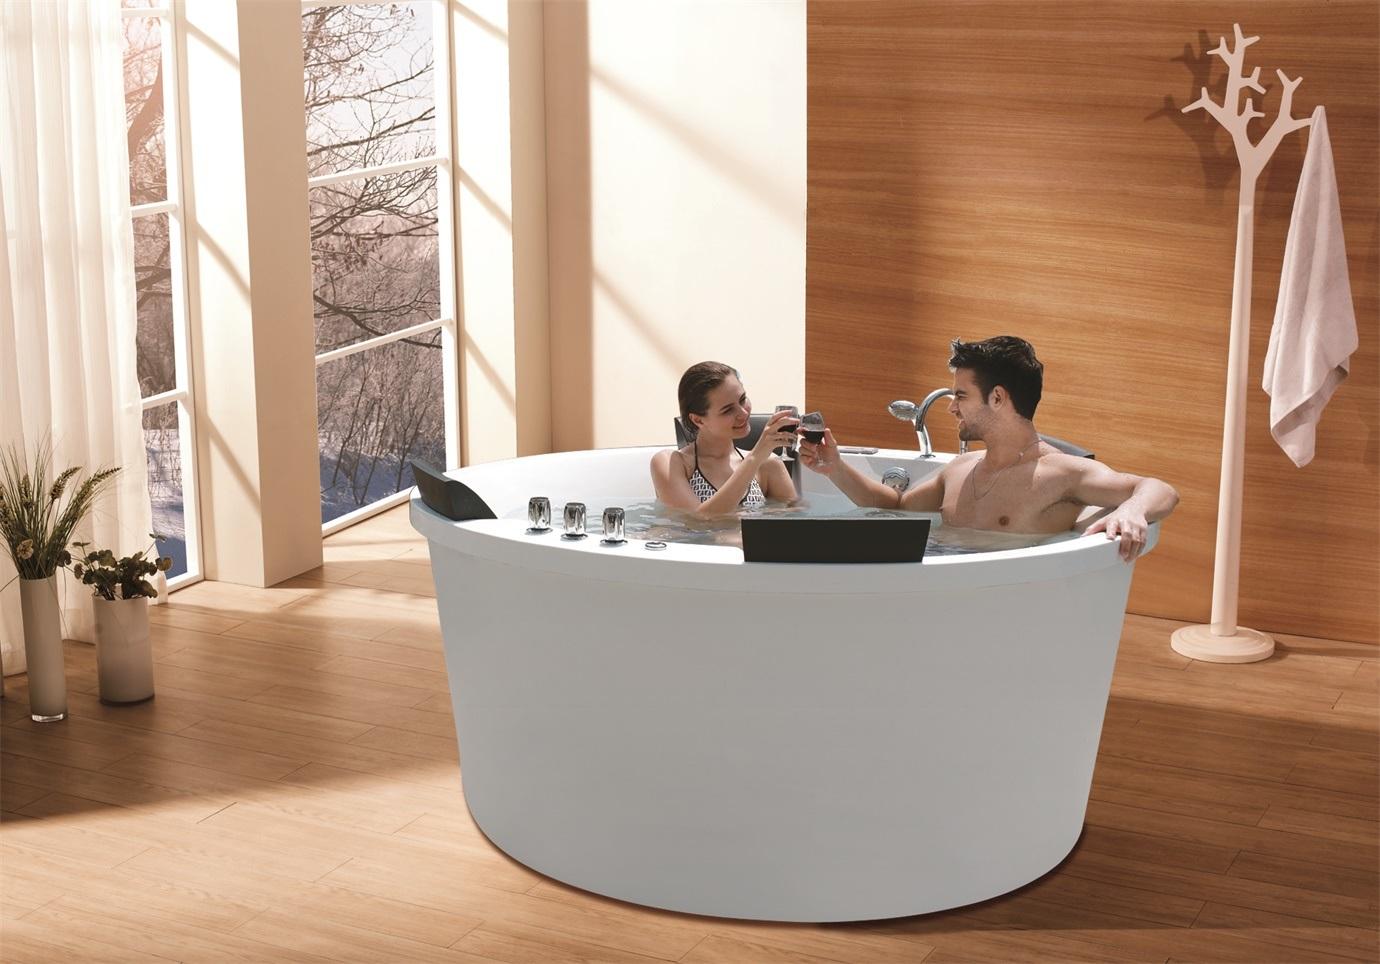 Vasca Da Bagno Romantica : Vasca da bagno romantica di massaggio della vasca da bagno calda